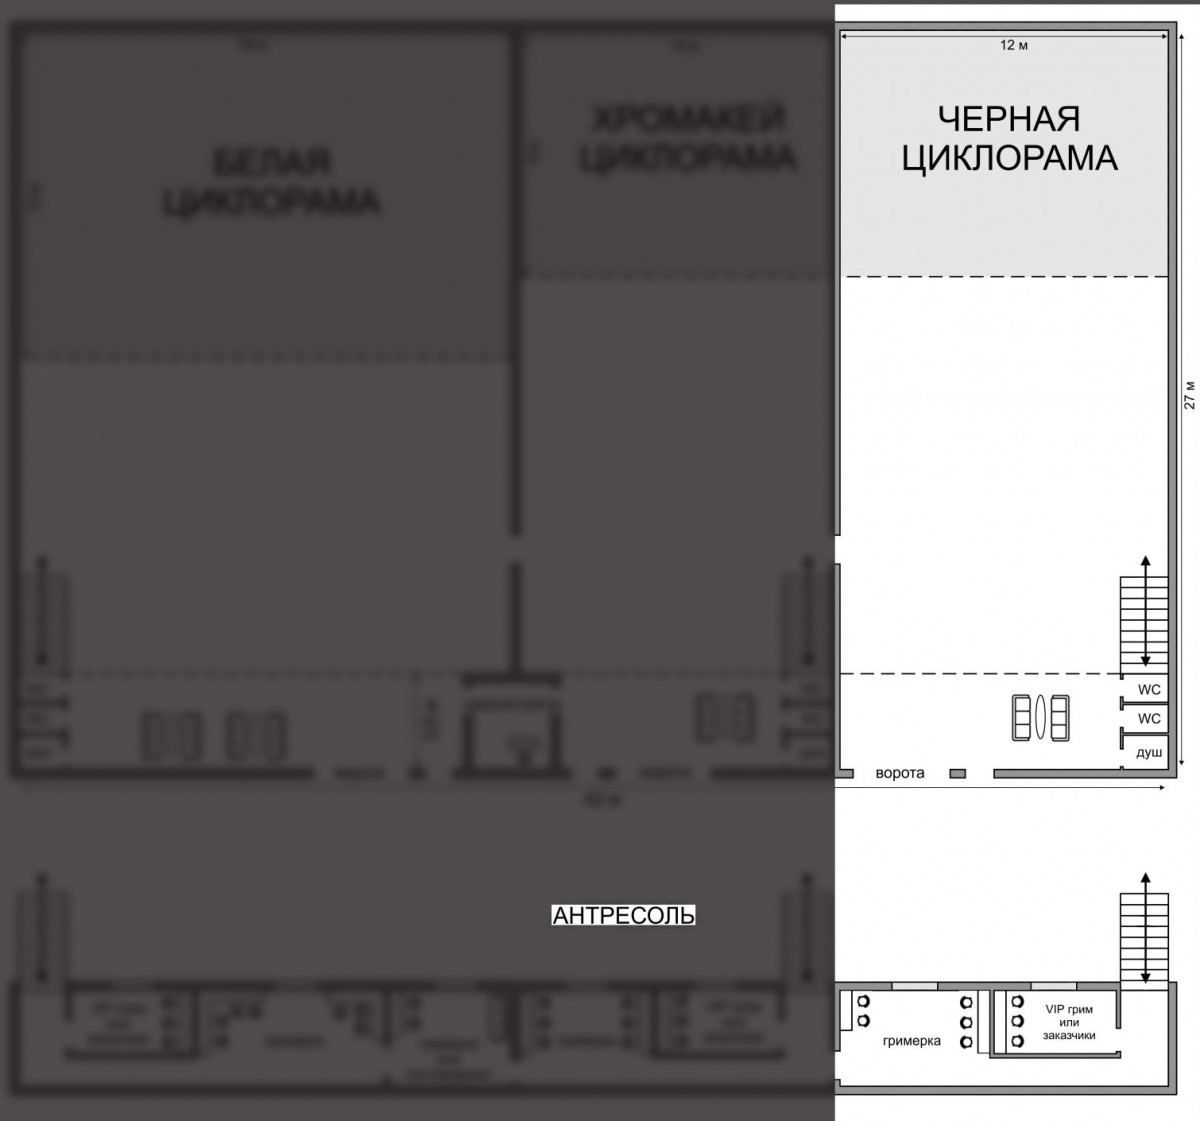 Съемочный павильон 325 м<sup>2</sup><br>(Зал с черной циклорамой)